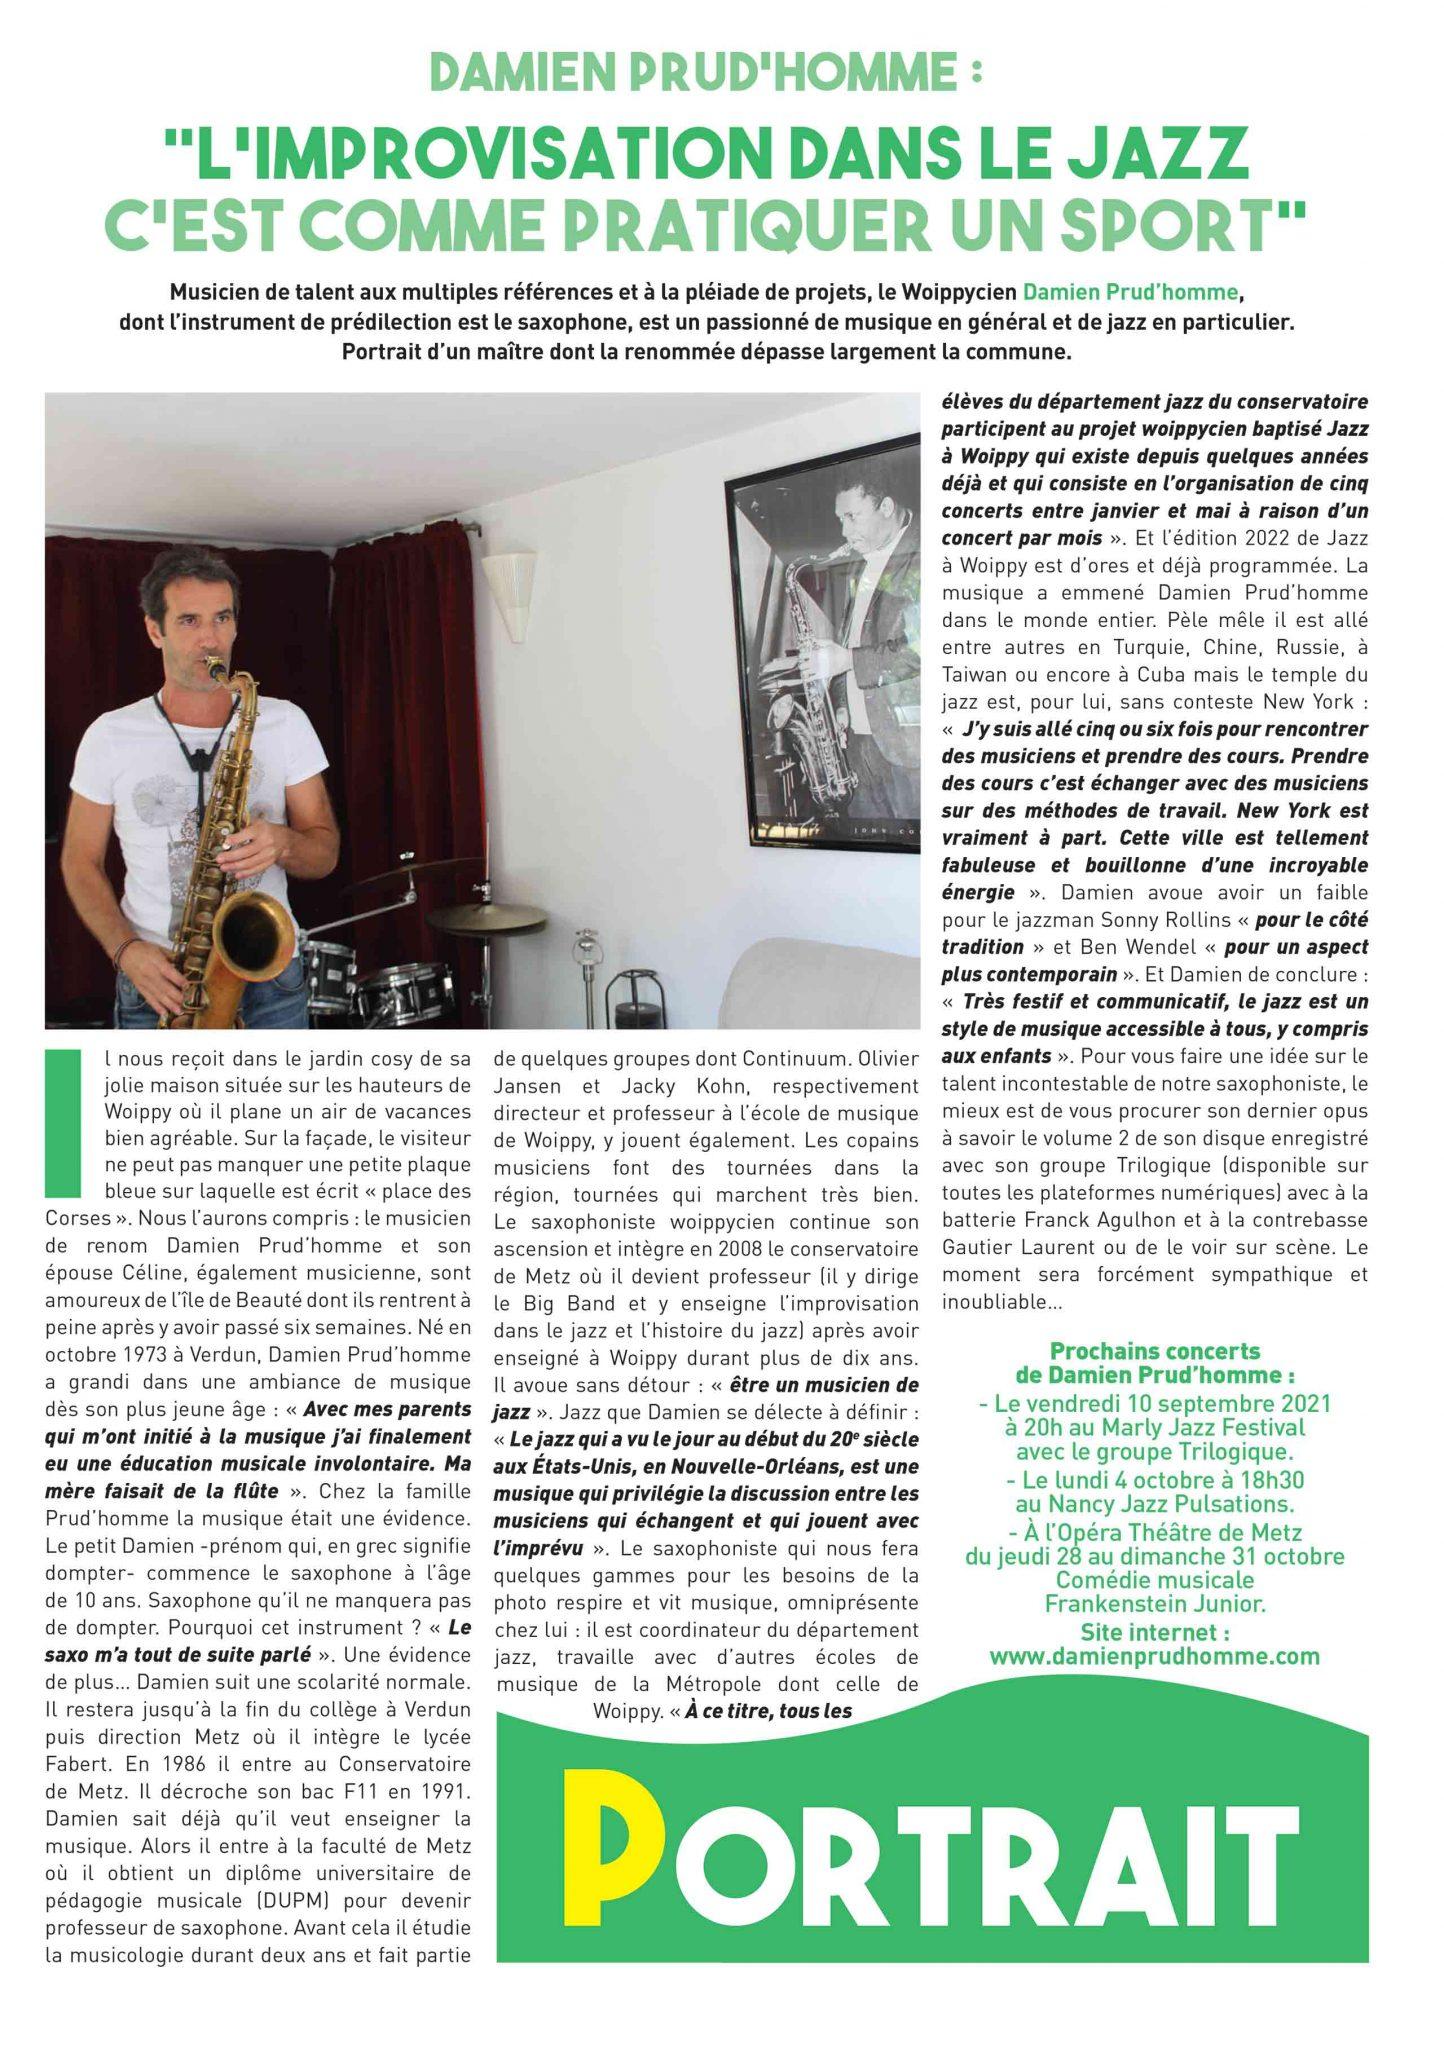 interview departement jazz CRR Metz metropole